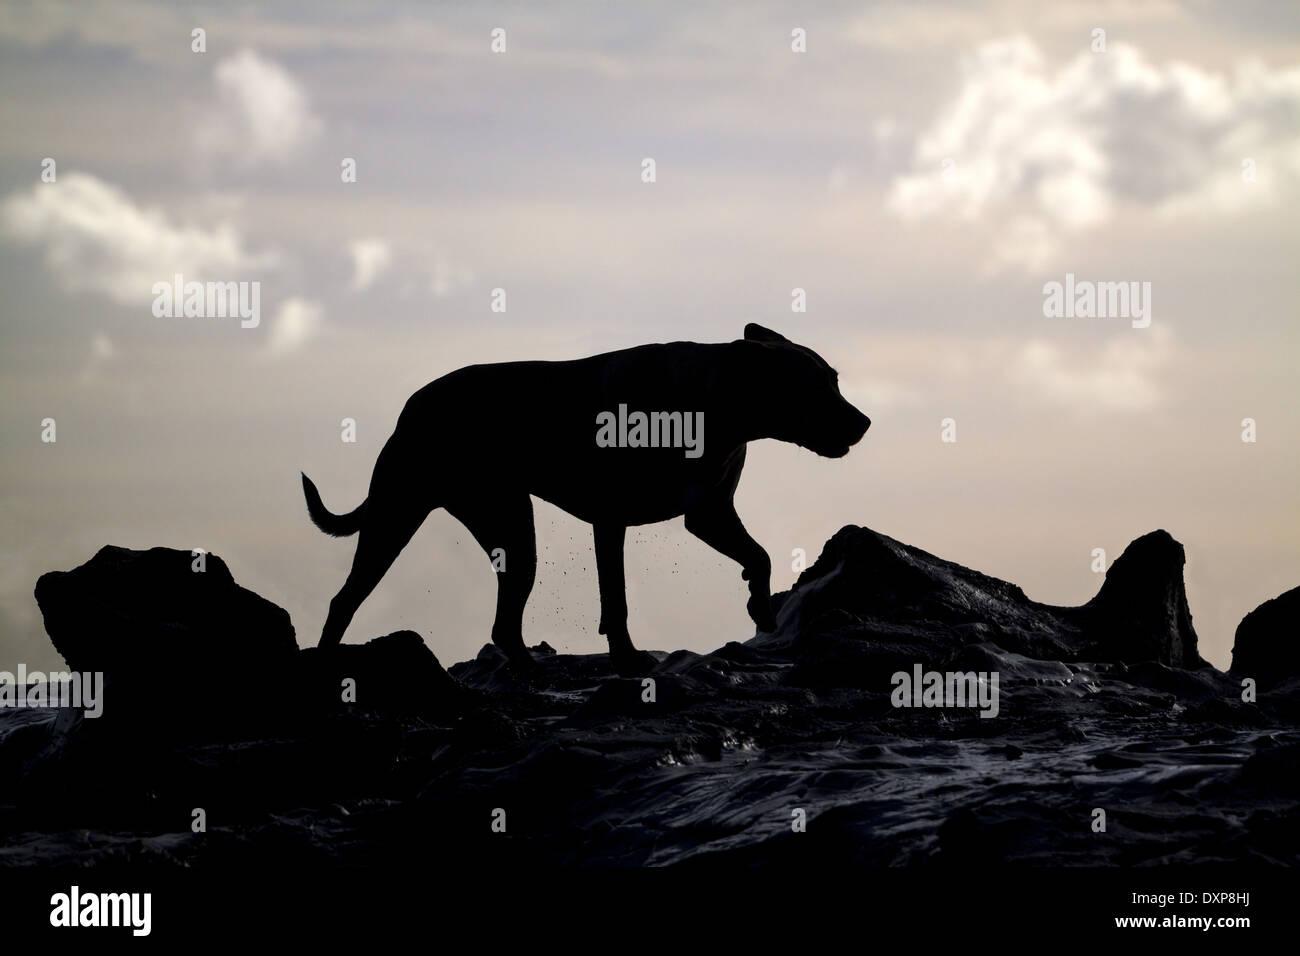 Dog on the rocks. - Stock Image